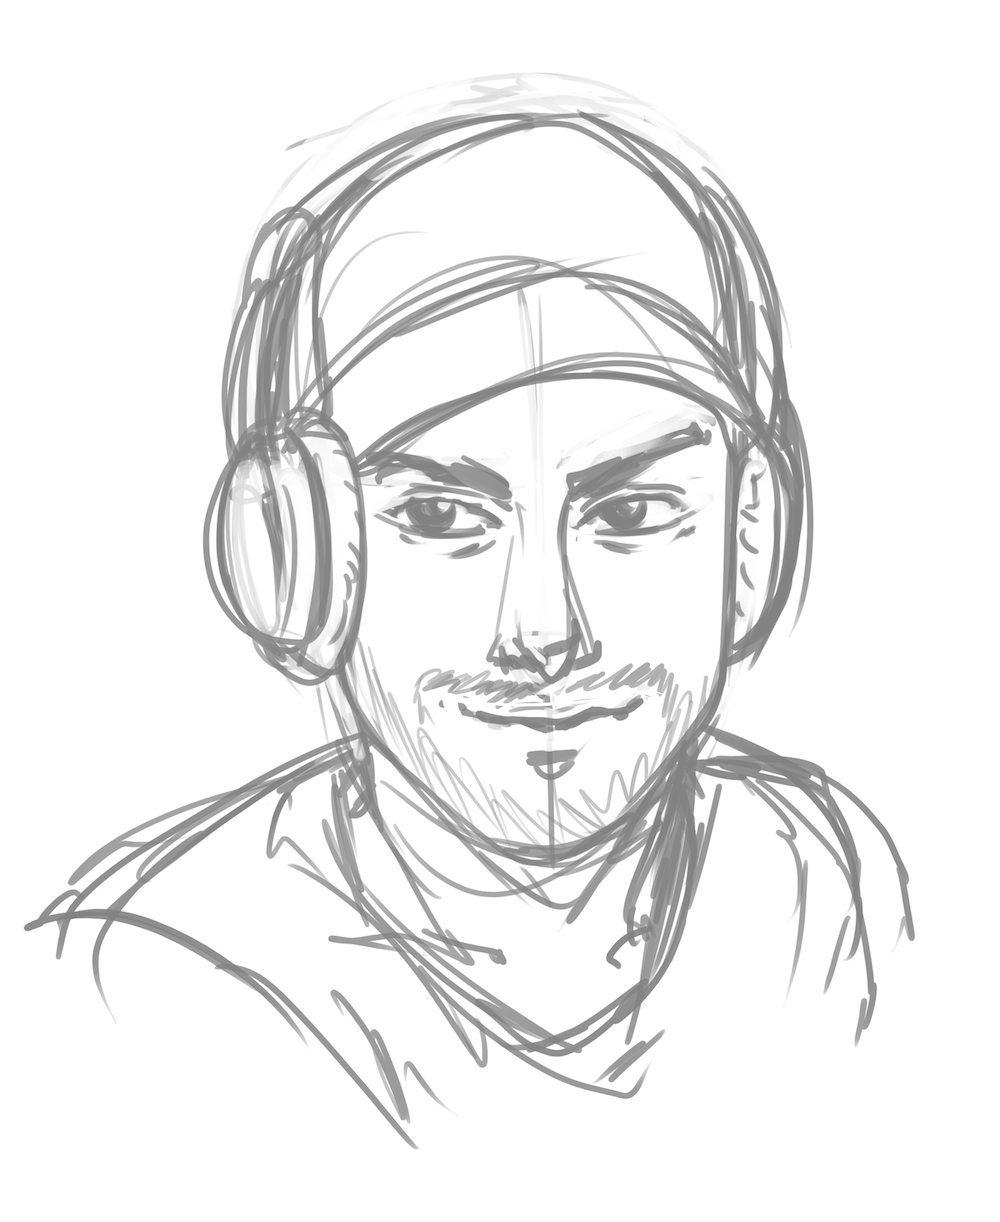 Sketch of Sean by Joseph Lee